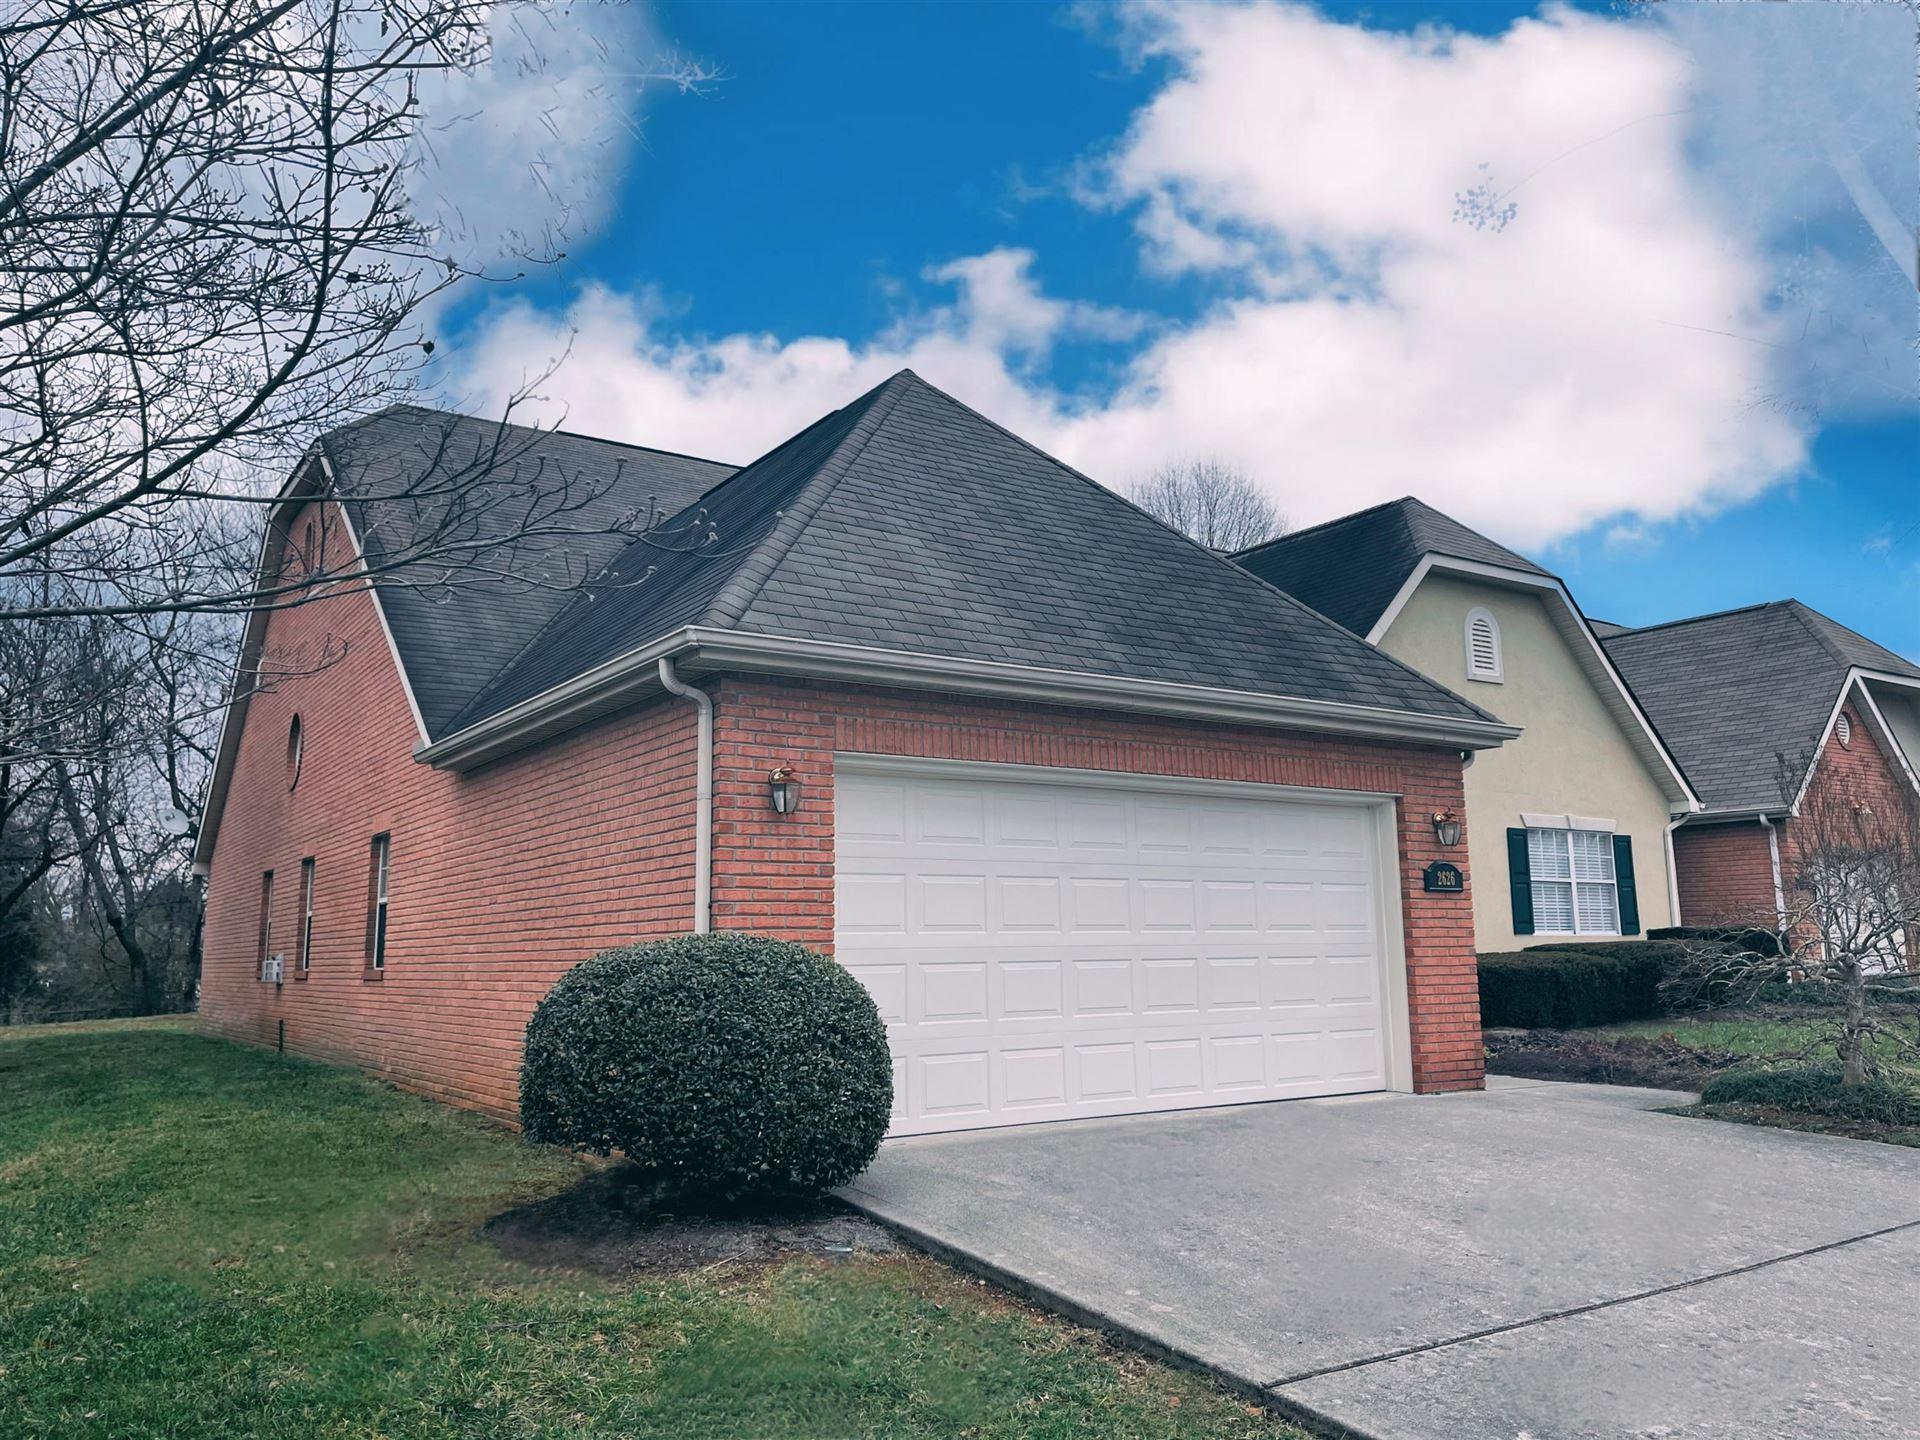 Photo of 2626 Knob Creek Lane, Knoxville, TN 37912 (MLS # 1140323)